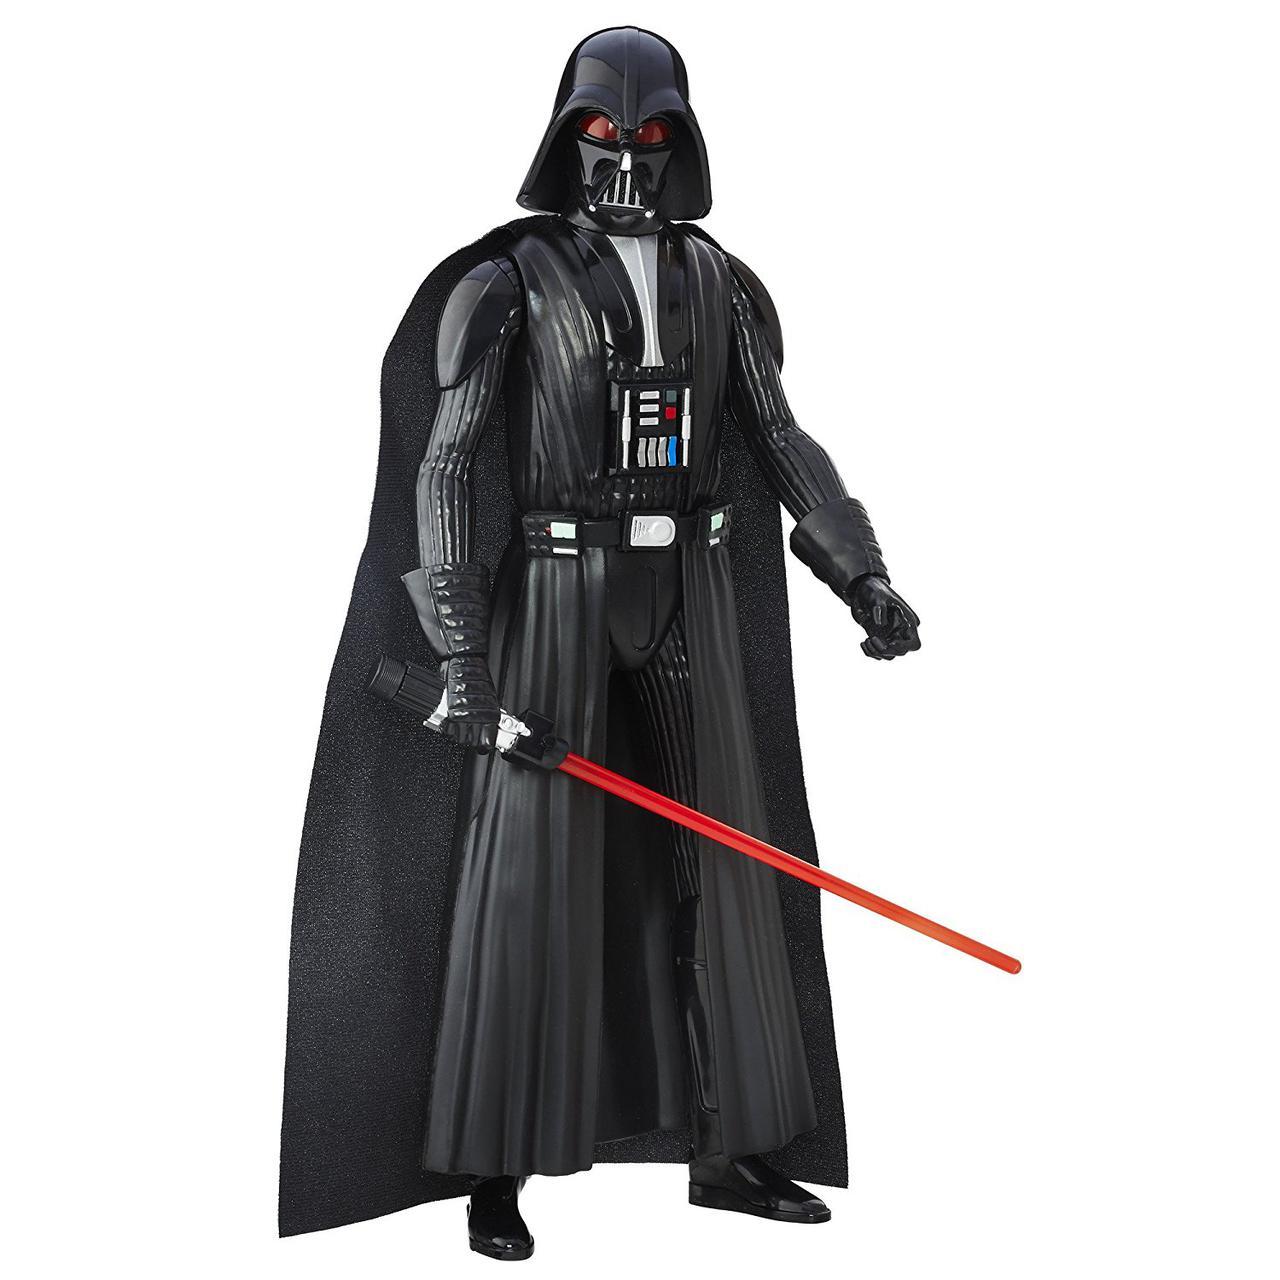 Дарт Вейдер интерактивная фигурка 30см Звездные войны / Darth Vader figure Star Wars